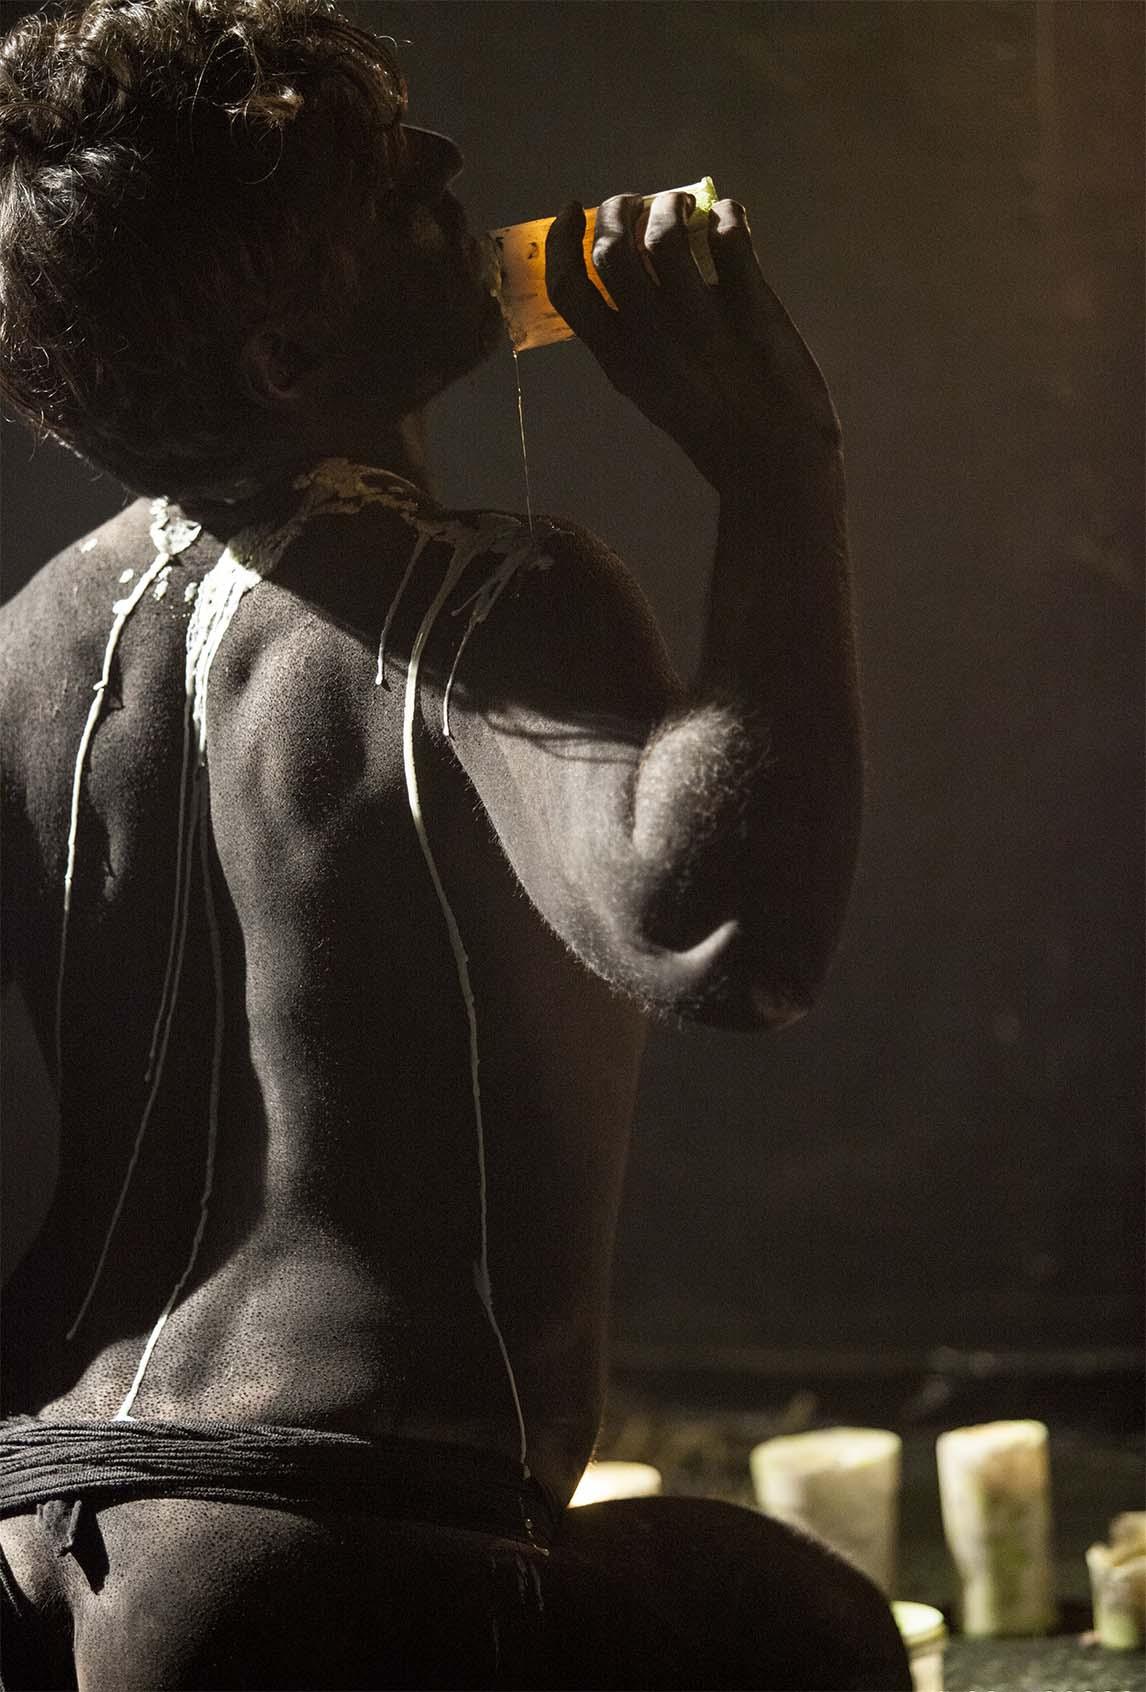 Yesus Christo Vogue - Foto Martina Monaco_8474b.jpg